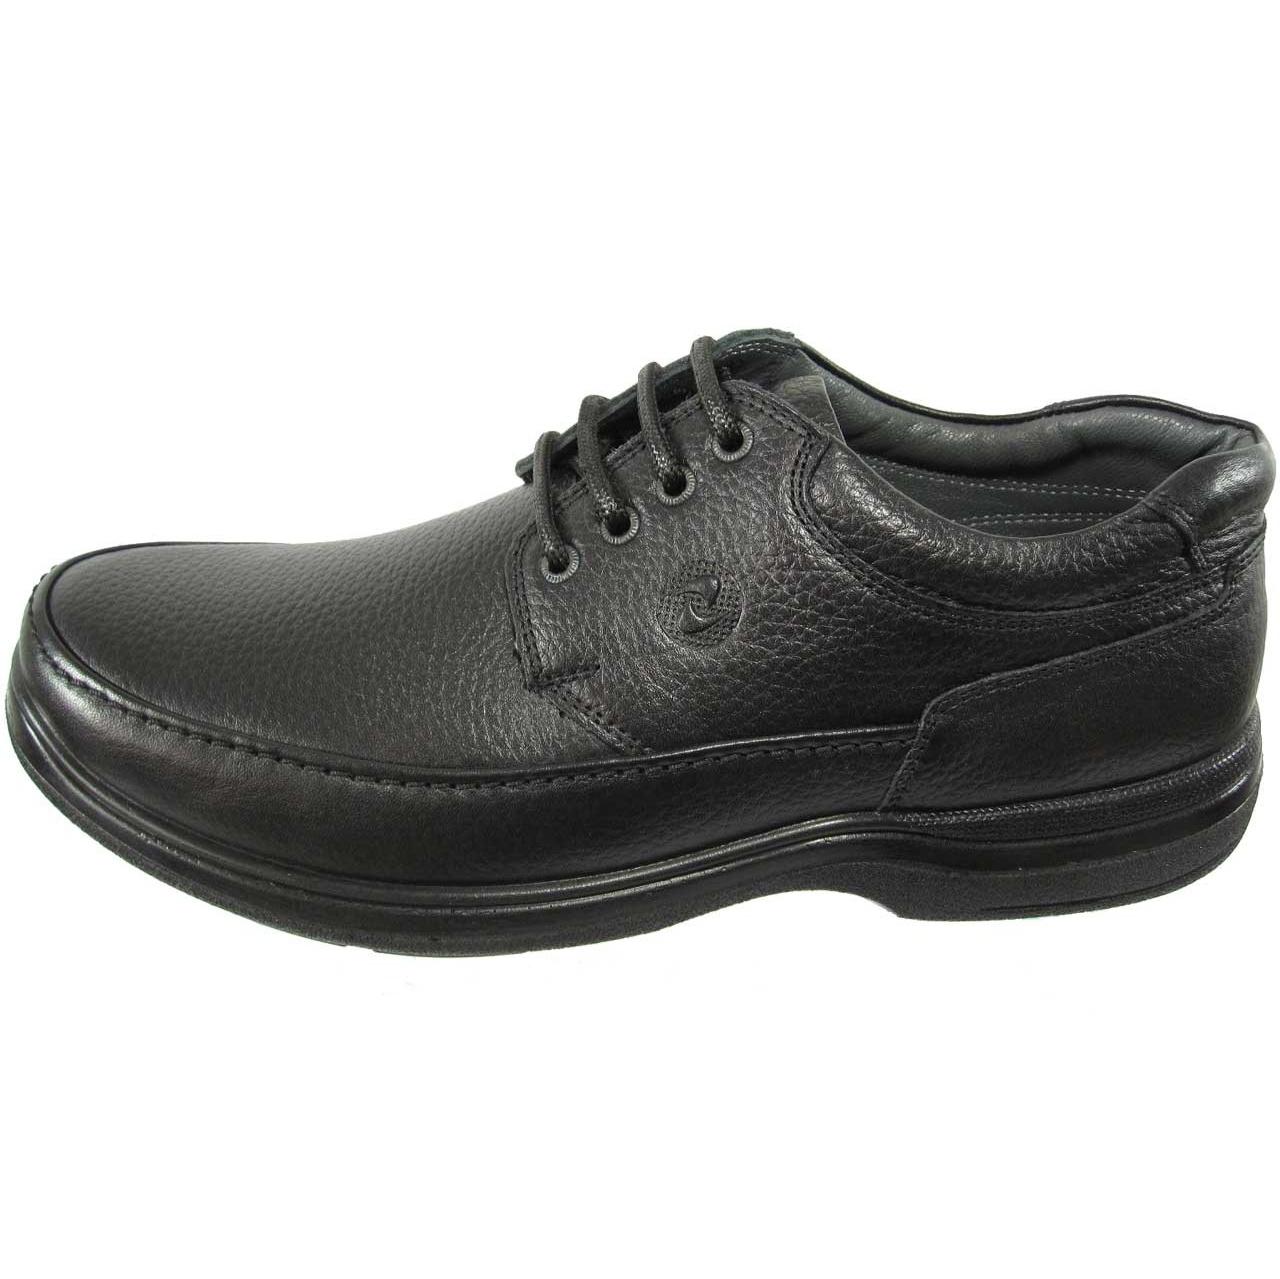 کفش مردانه اسکاپ کد 1230